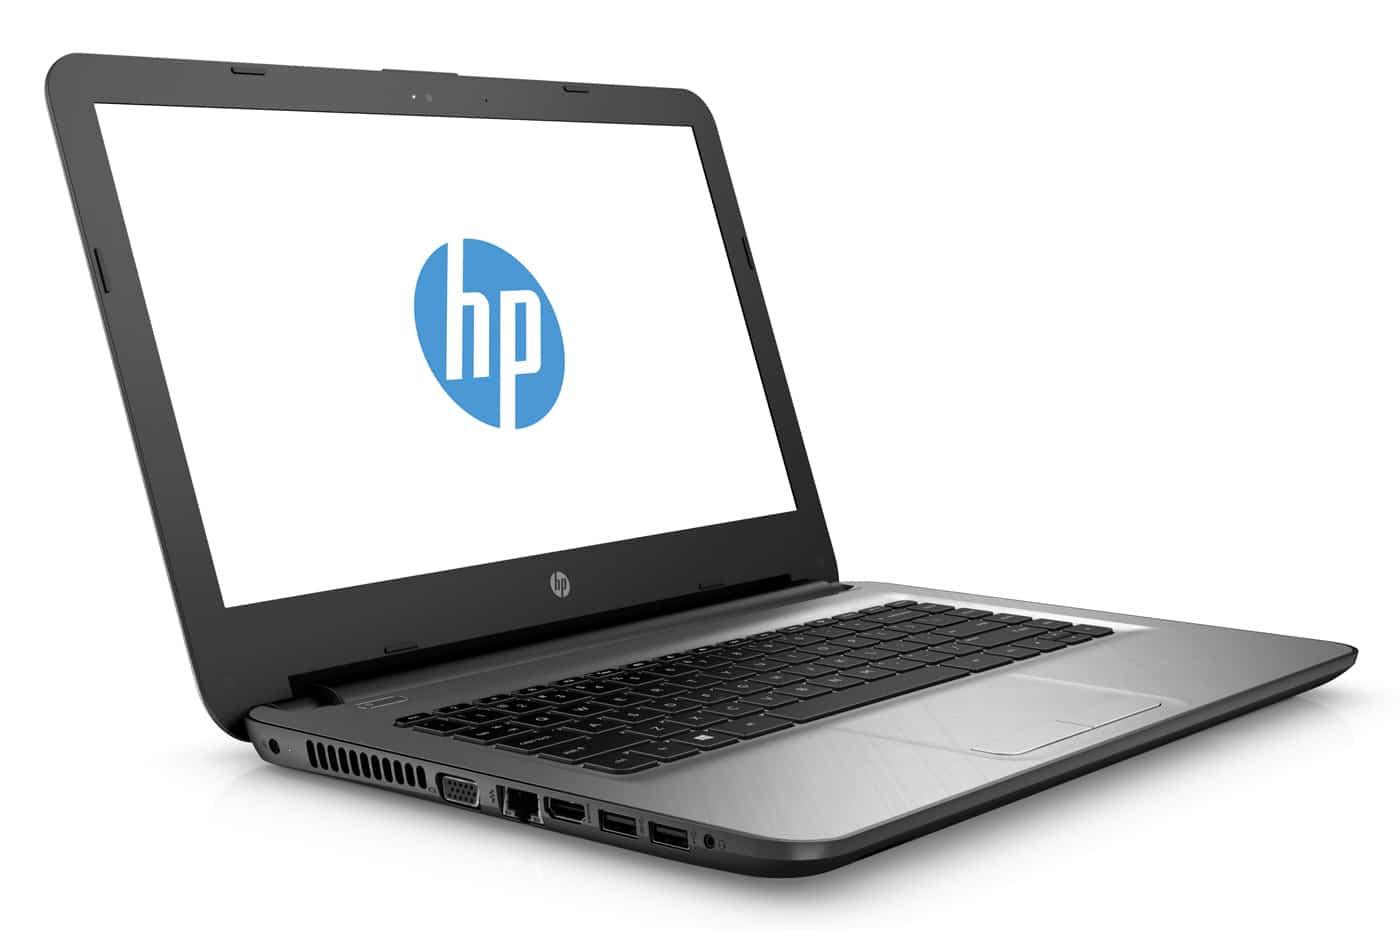 HP 14-ac106nf à 549€, PC portable 14 pouces Core i5 Skylake et Radeon R5